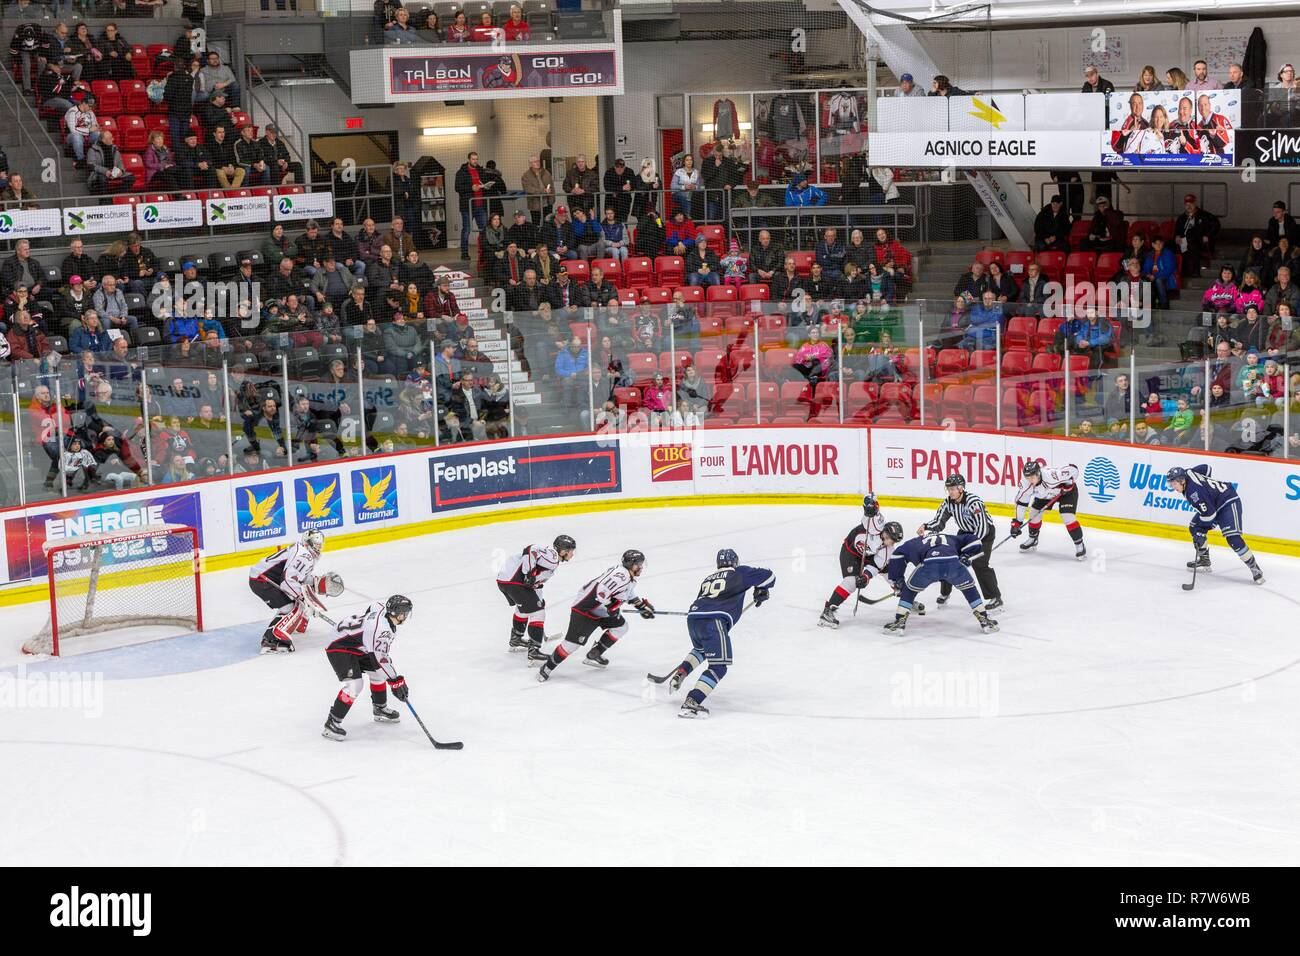 Canada, Provincia di Quebec, Abitibi Témiscamingue Regione, Abitibi, città di Rouyn Noranda, pattinaggio su ghiaccio, Grandi Junior League Hockey su Ghiaccio Immagini Stock